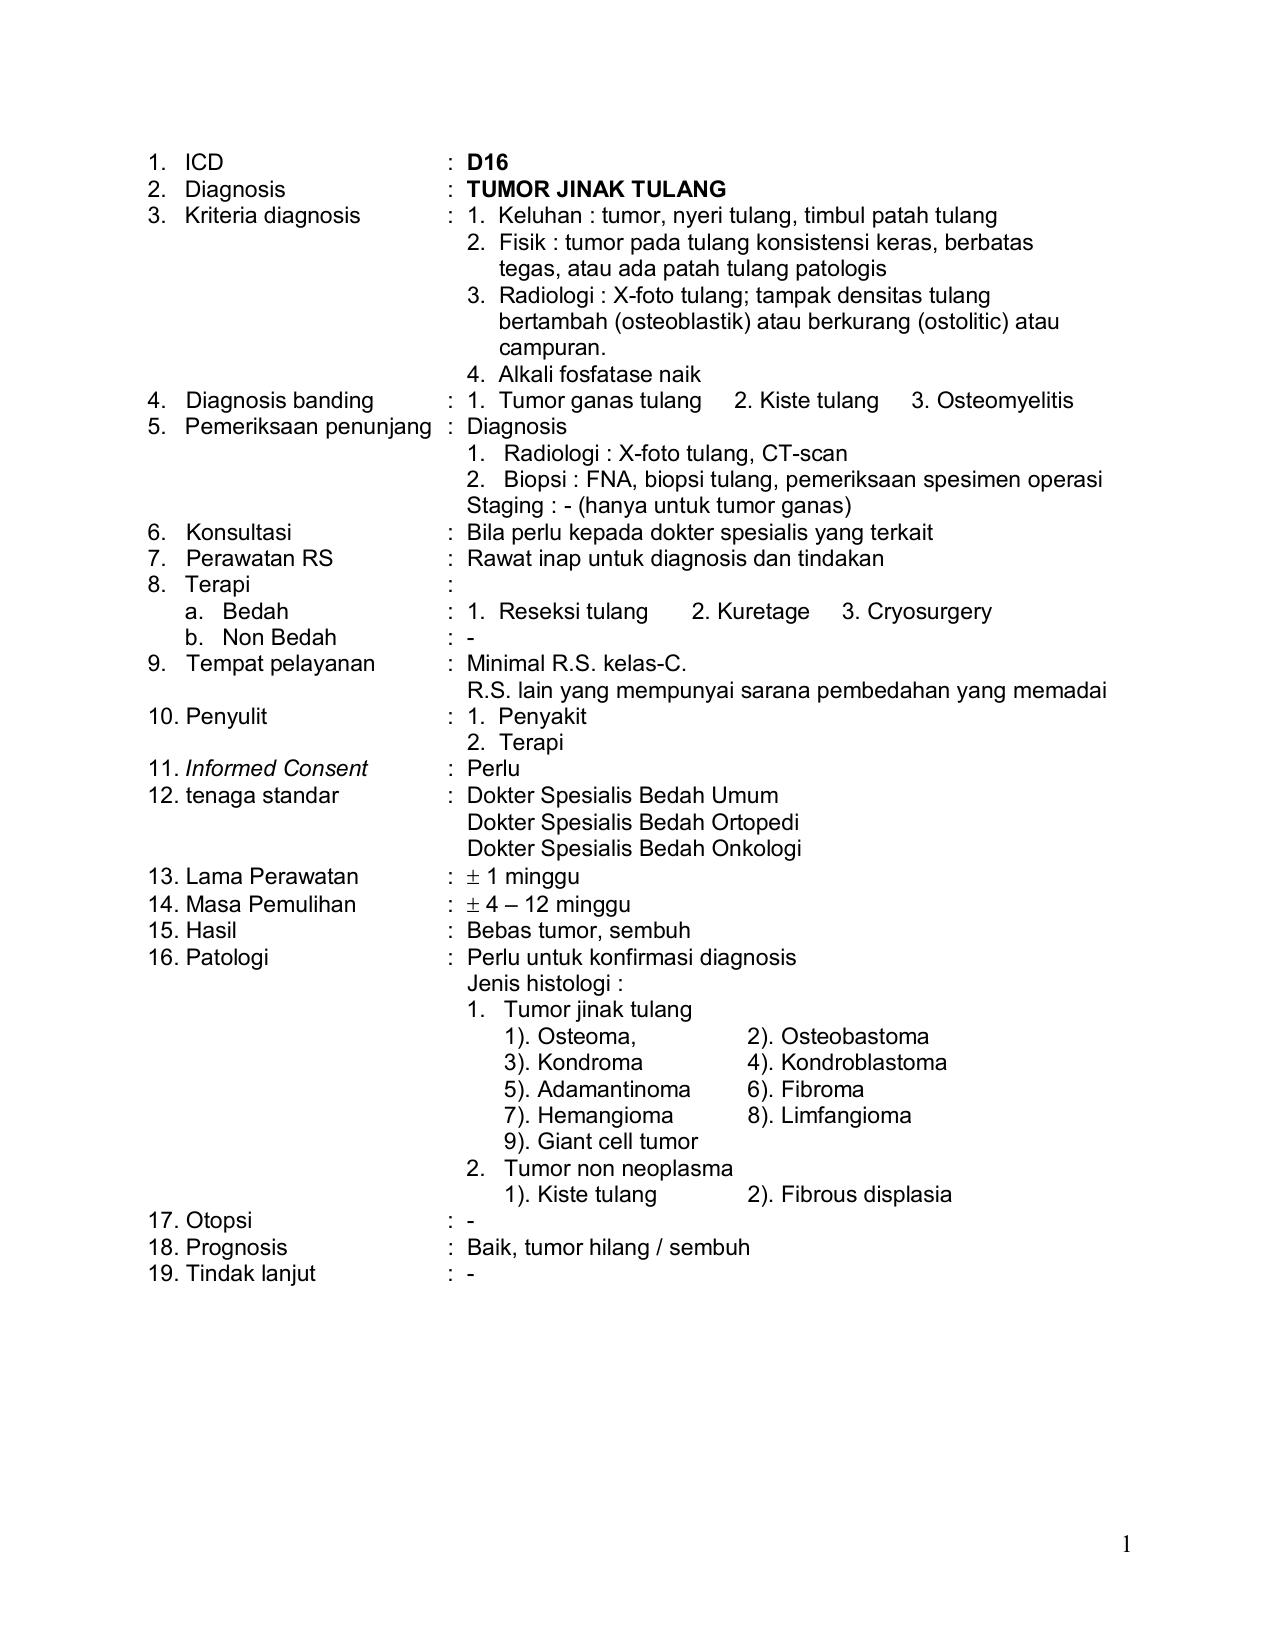 Tumor Jinak Tulang 3 Kriteria Diagnosis